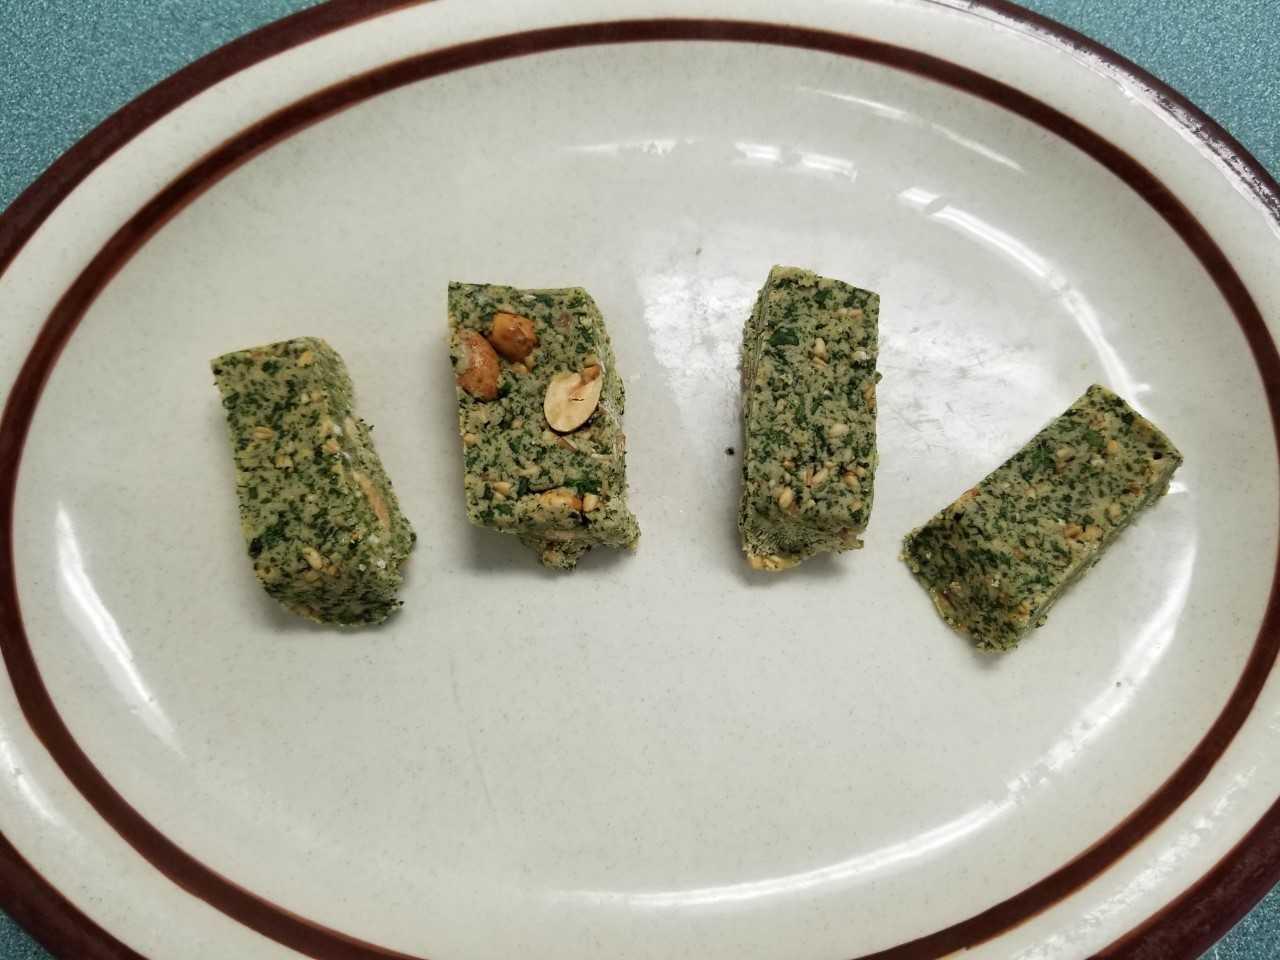 Kale power bars